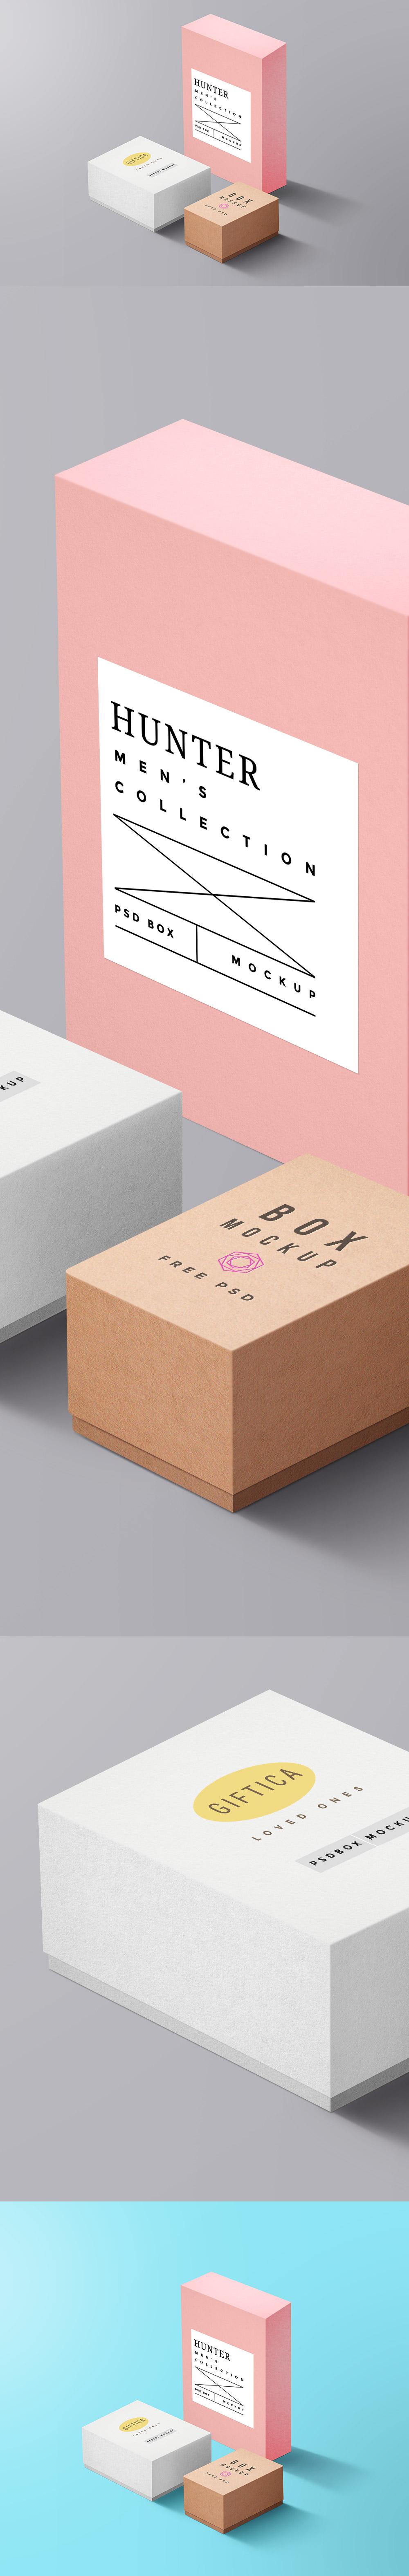 Gift Boxes Mockup PSD